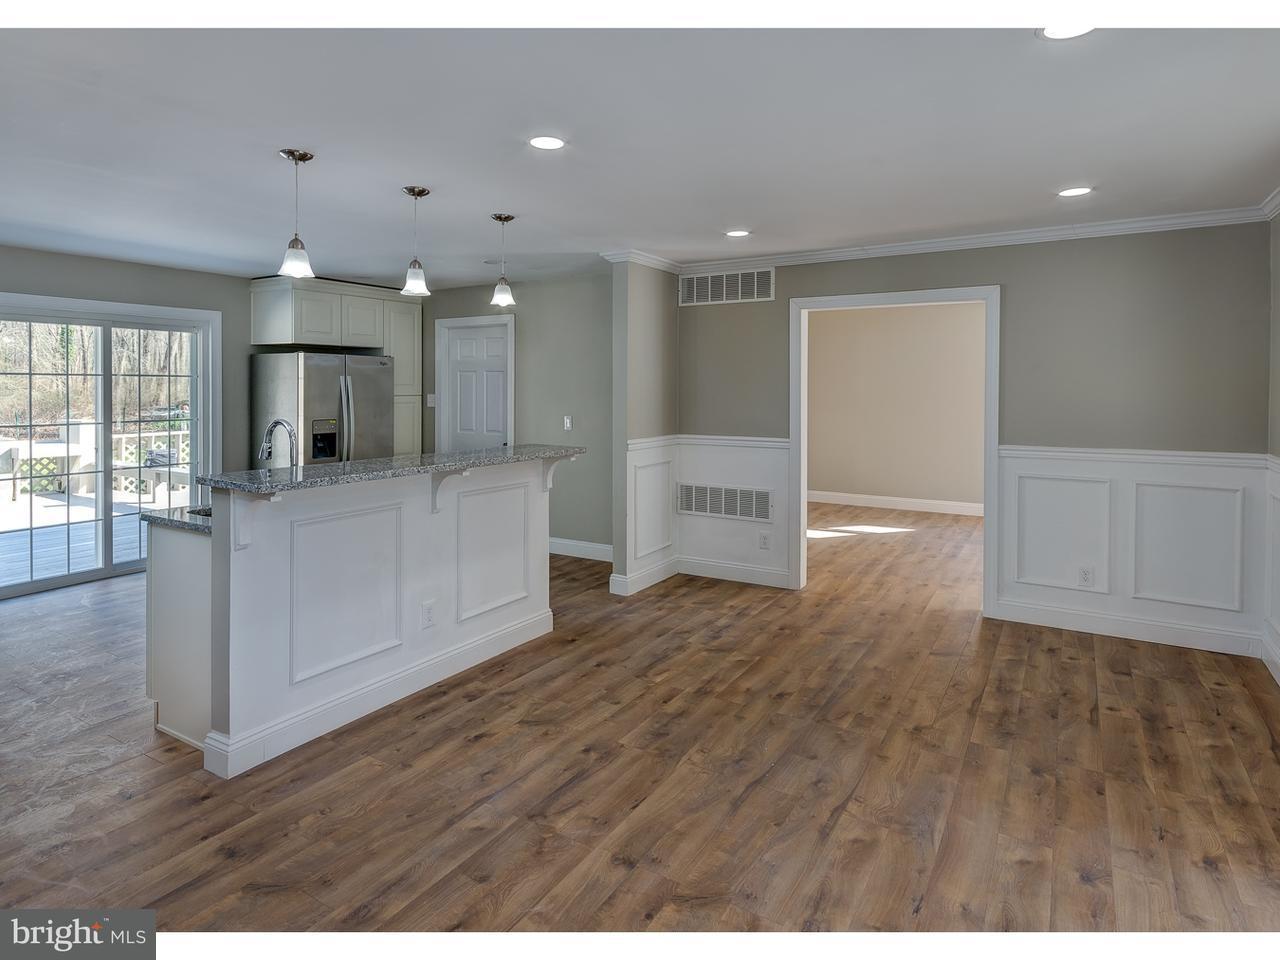 独户住宅 为 销售 在 408 BURRS MILL Road Southampton, 新泽西州 08088 美国